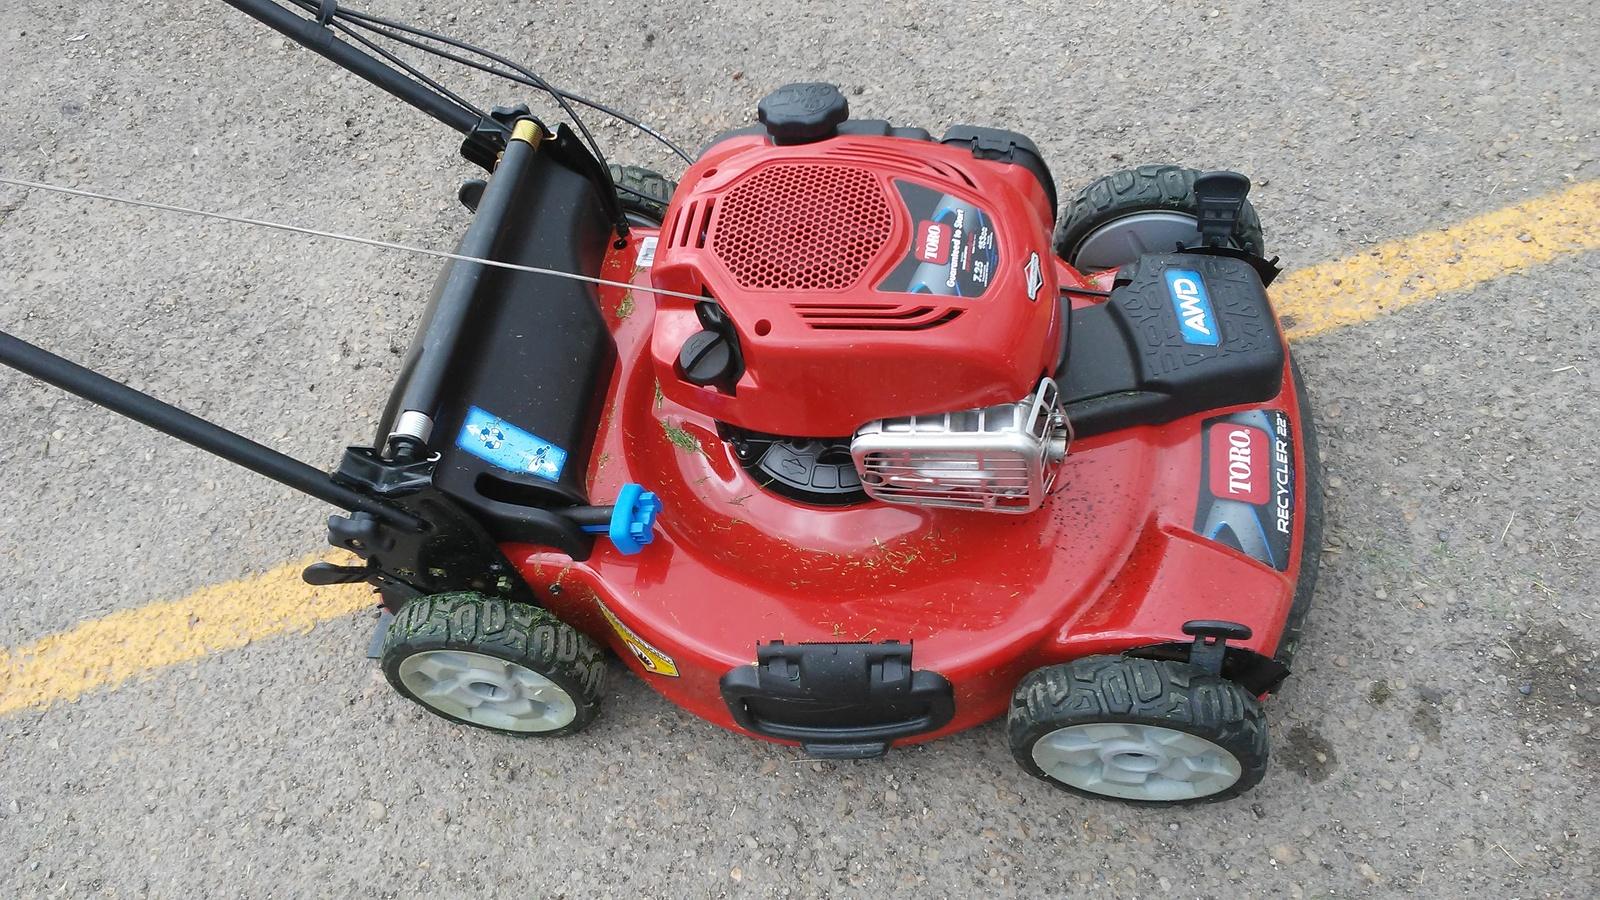 ... Toro Model 20353 Lawn Mower Carburetor